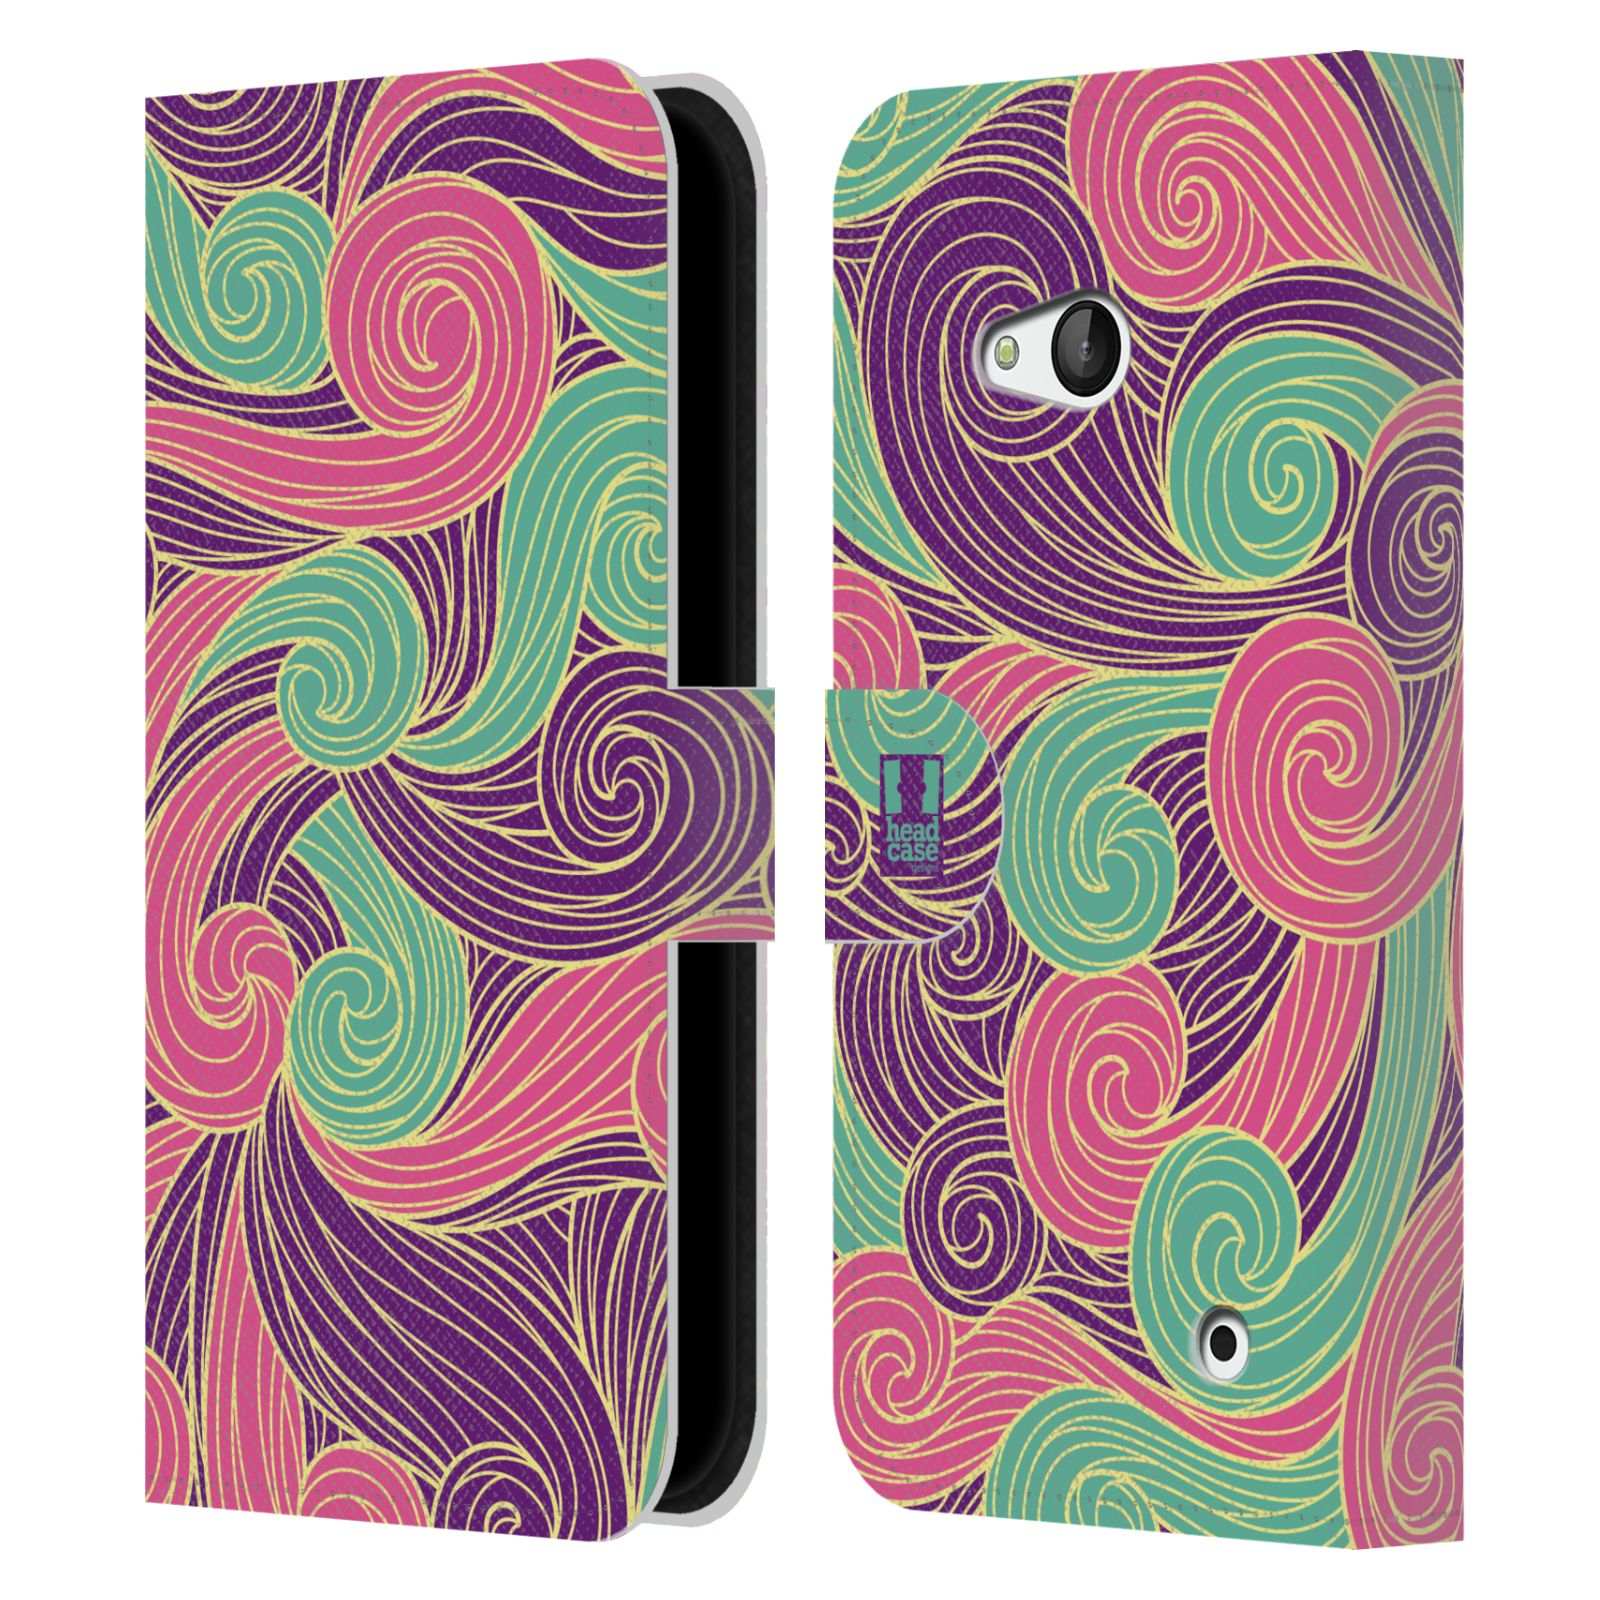 HEAD CASE Flipové pouzdro pro mobil NOKIA / MICROSOFT LUMIA 640 / LUMIA 640 DUAL barevné vlny růžová a fialová